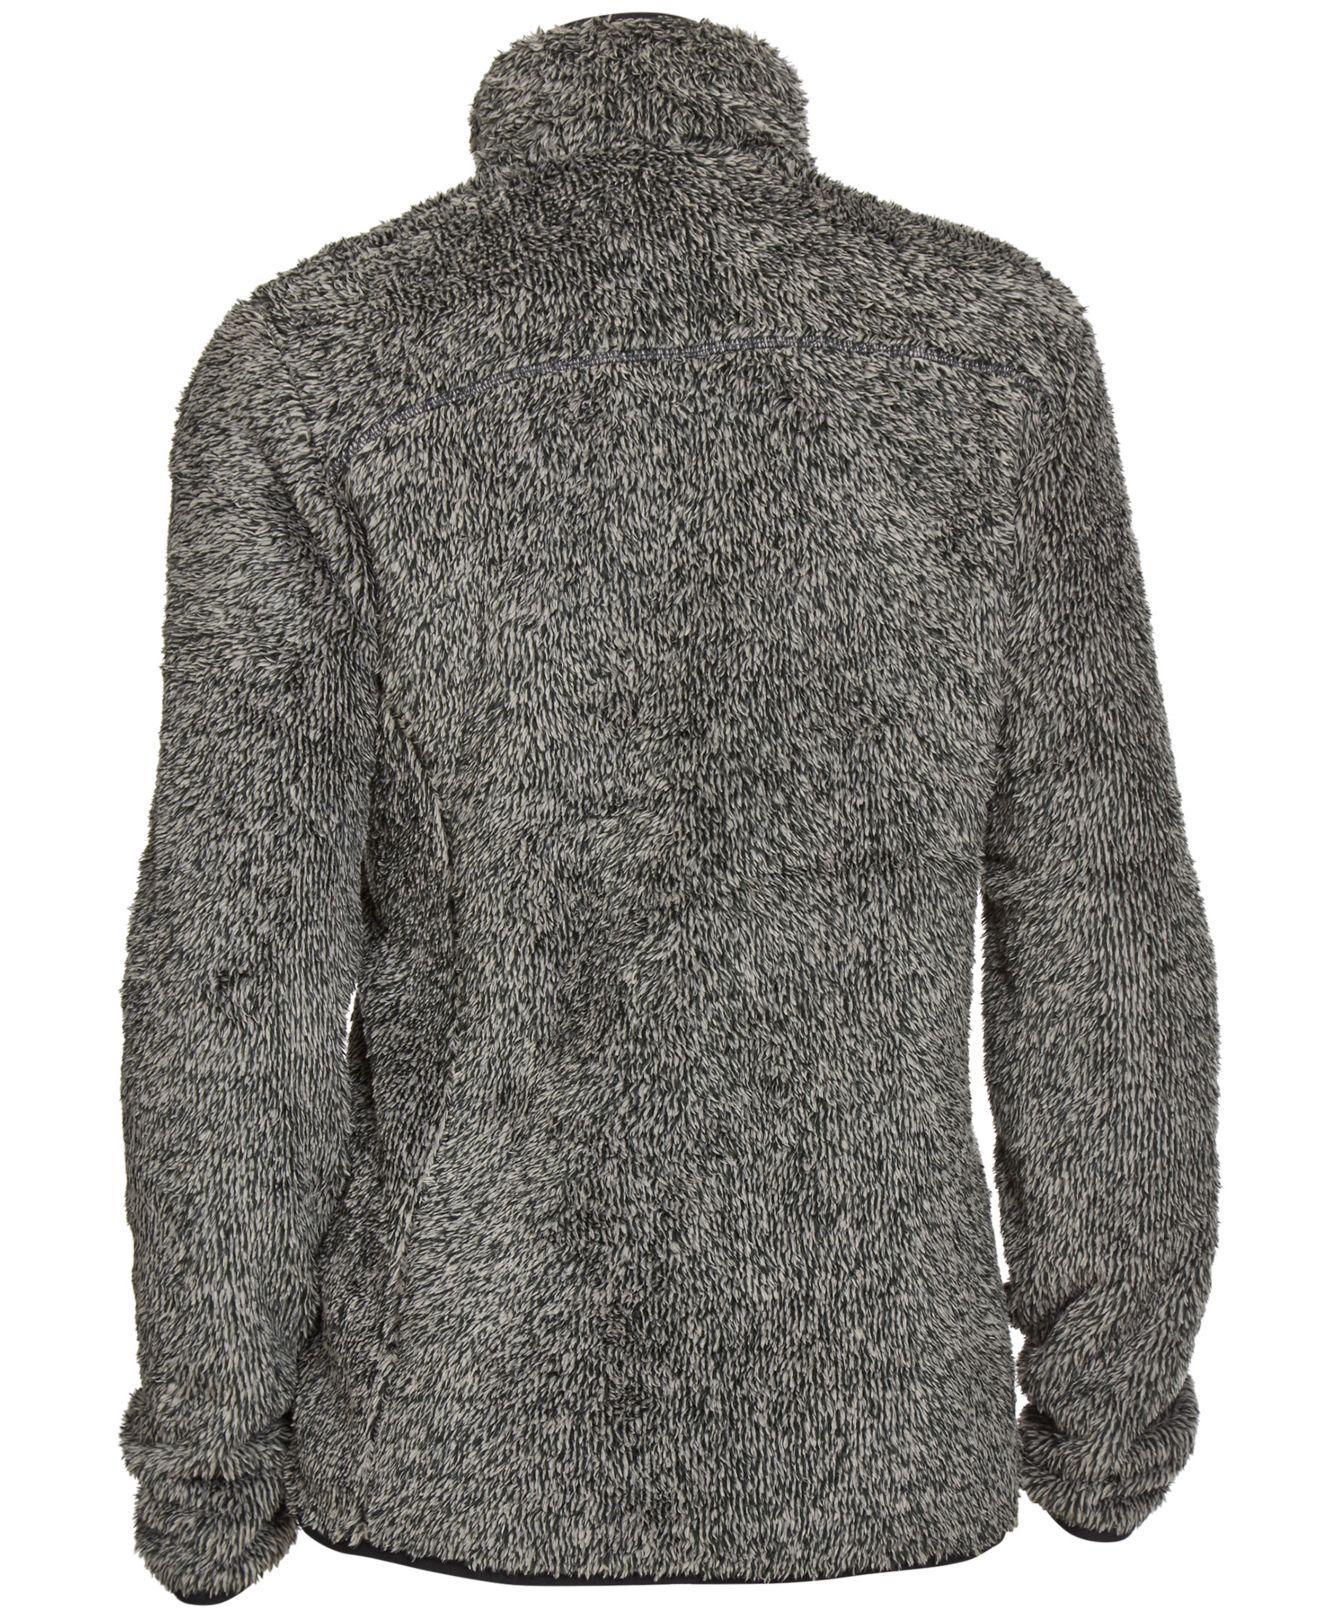 c4c3fcd26fea17 Lyst - Eastern Mountain Sports Twilight Full-zip Fleece in Gray